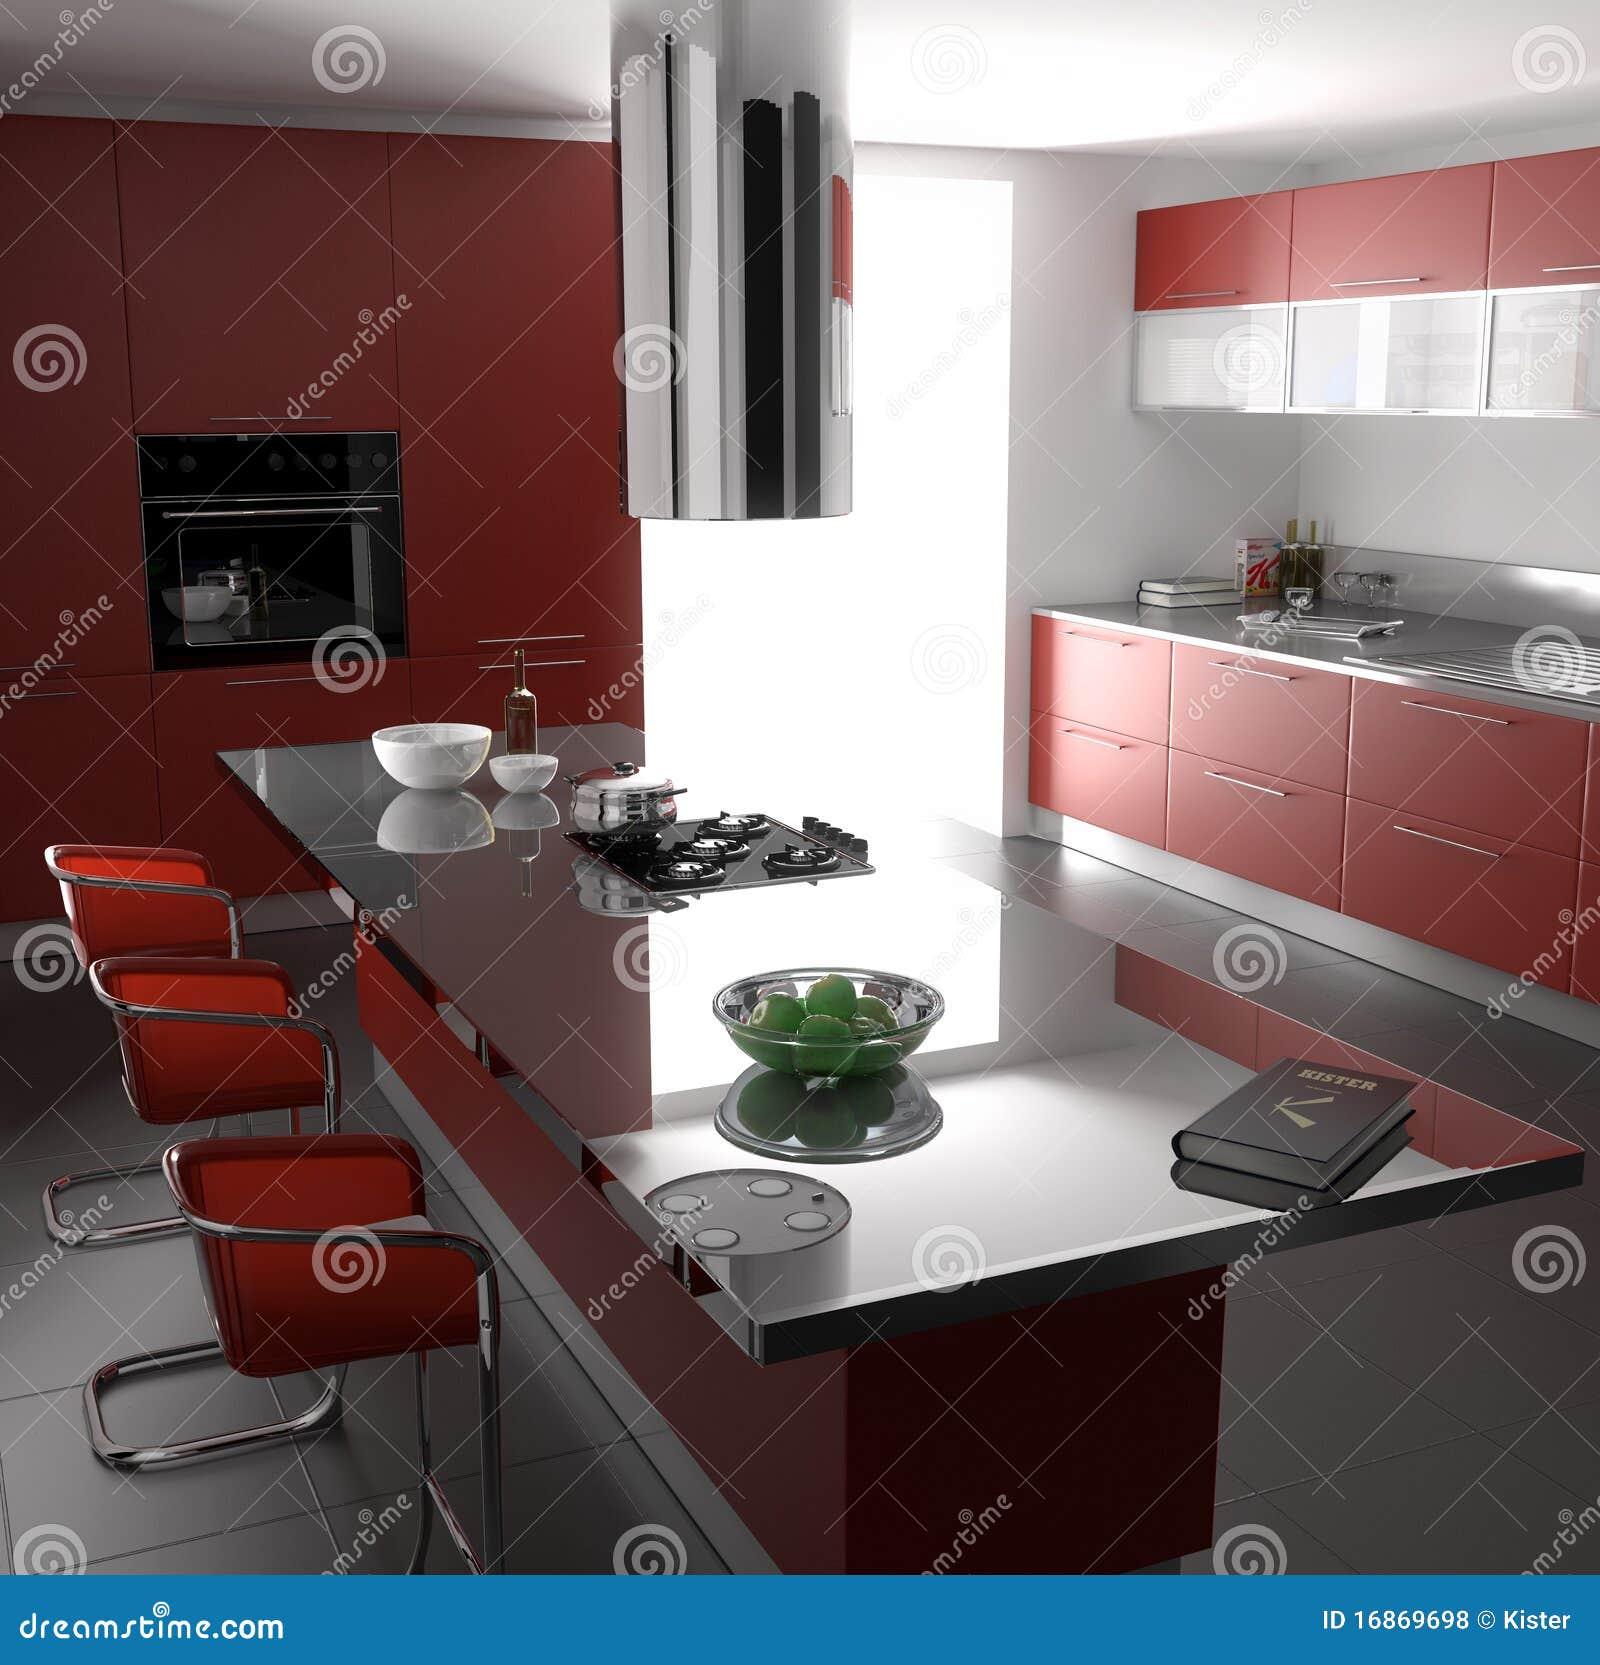 Cuisine Rouge Photos libres de droits - Image: 16869698